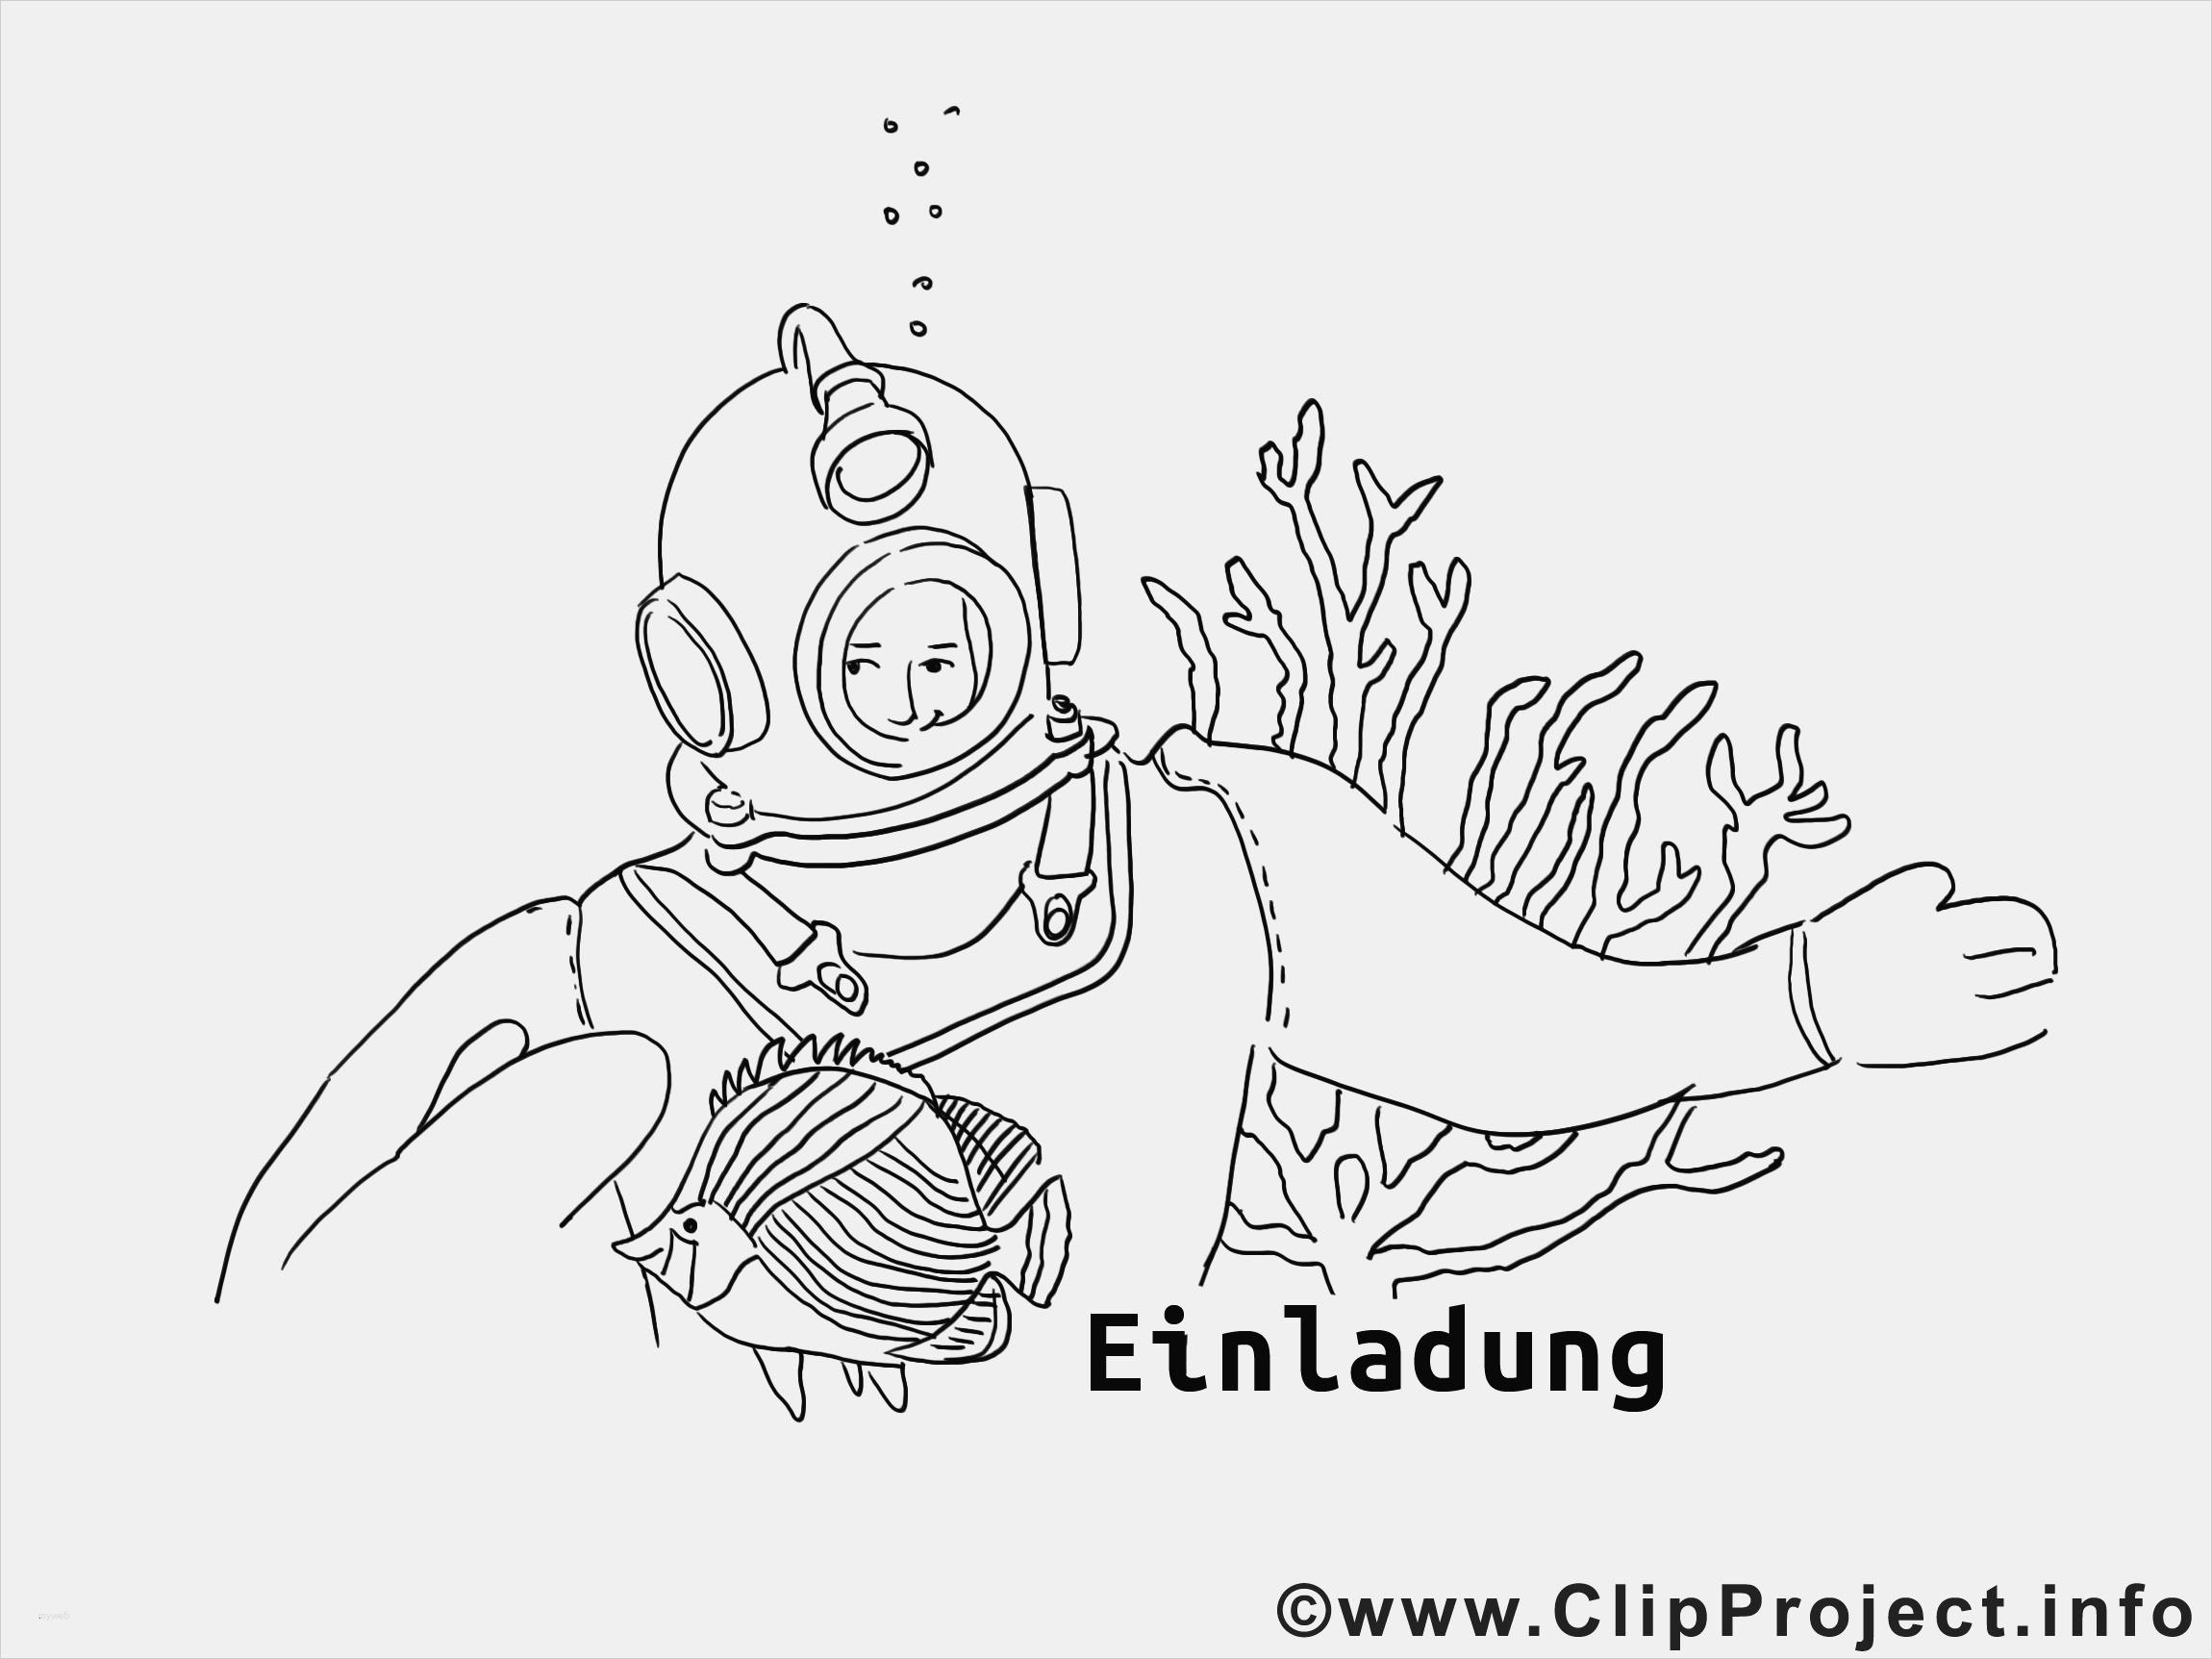 Spongebob Zum Ausmalen Inspirierend Vorlagen Zum Ausmalen Beste Taucher Malvorlage Zum Drucken Und Malen Das Bild